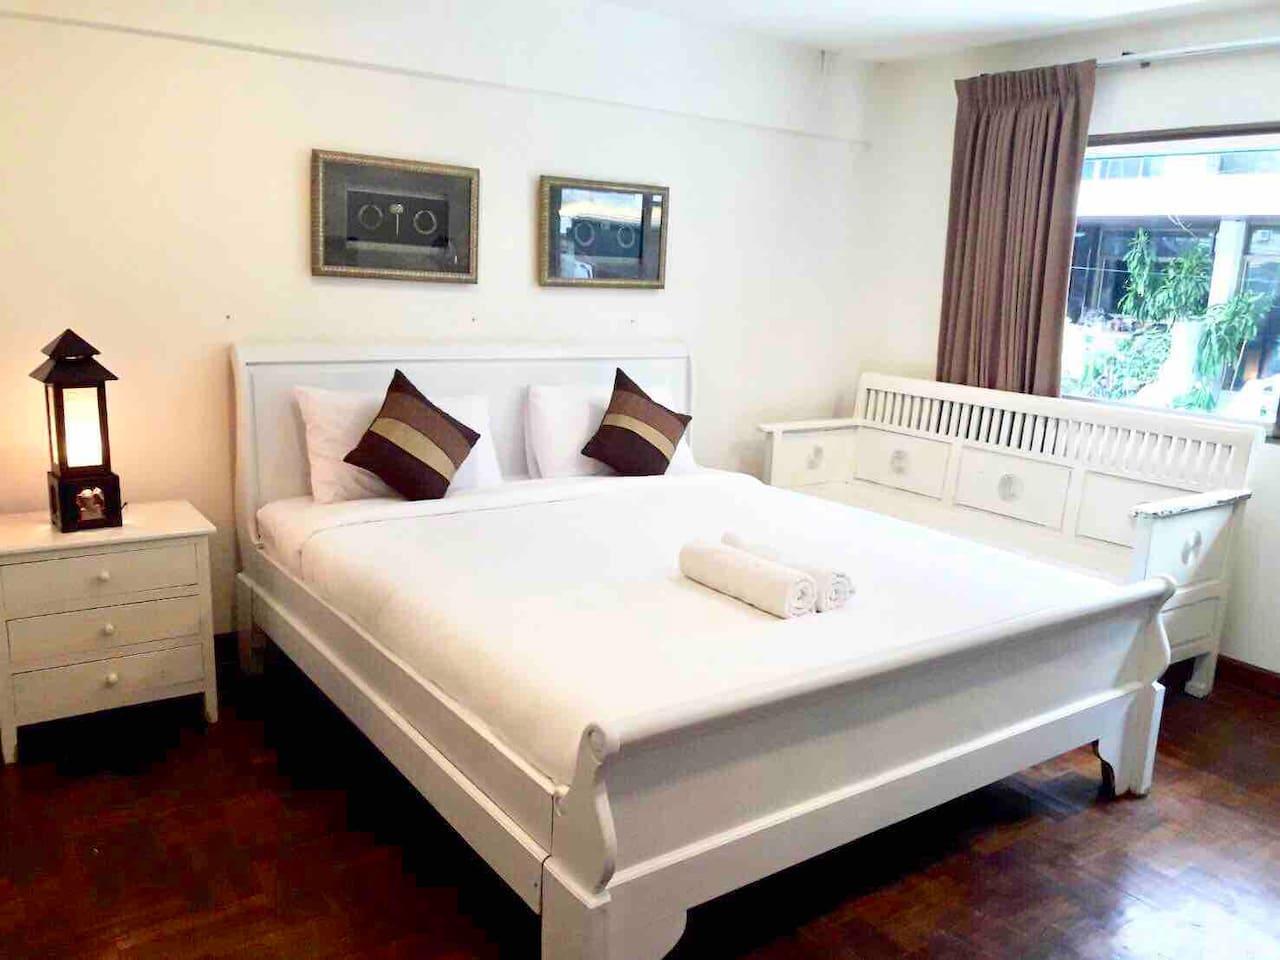 39living/2 Paxs/201 อพาร์ตเมนต์ 1 ห้องนอน 1 ห้องน้ำส่วนตัว ขนาด 24 ตร.ม. – สุขุมวิท